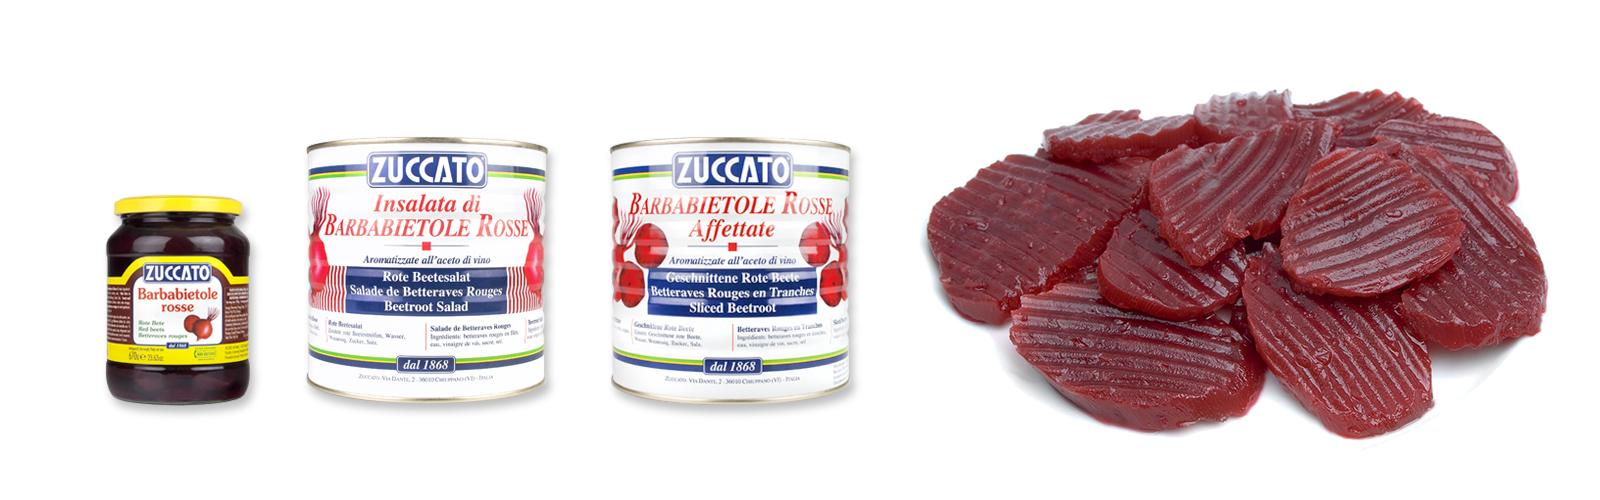 Barbabietole Rosse - Barattoli - Zuccato